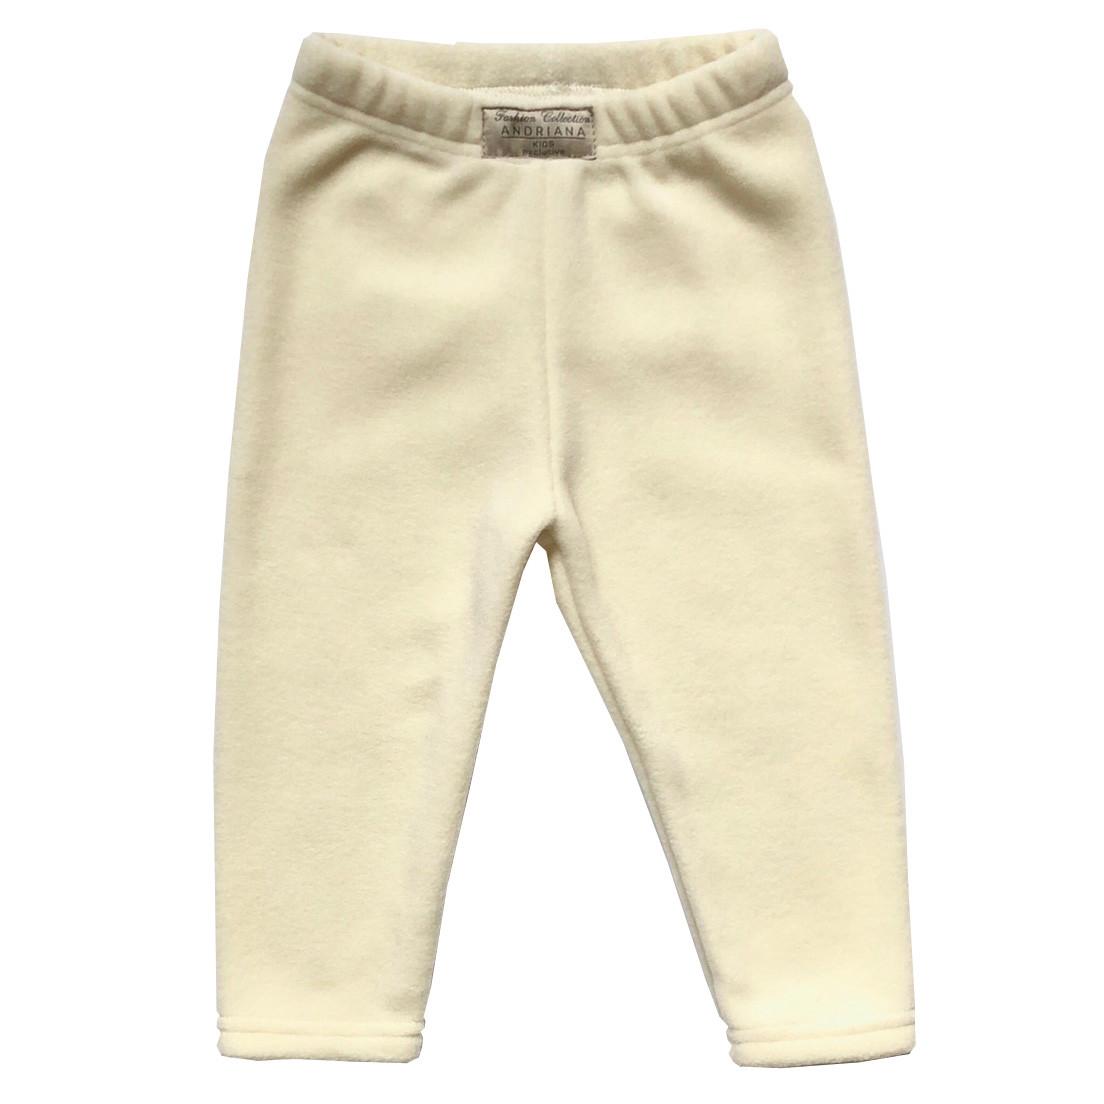 Теплые флисовые штанишки Andriana Kids для девочки от 1 до 4 лет молочные